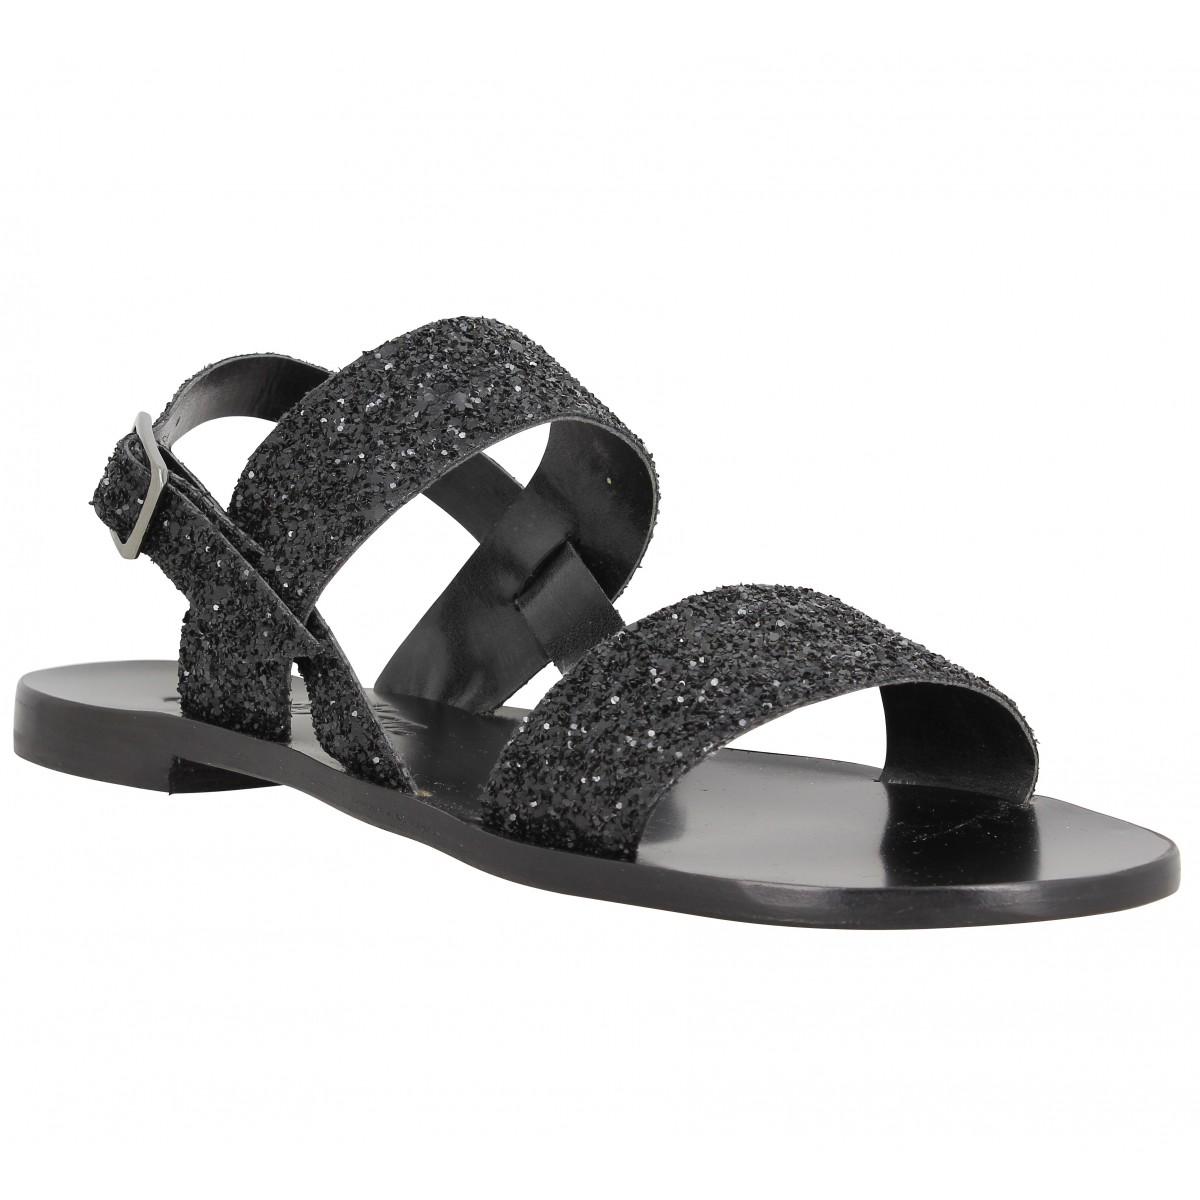 Nu-pieds SEMERDJIAN Bonsai glitter Femme Noir